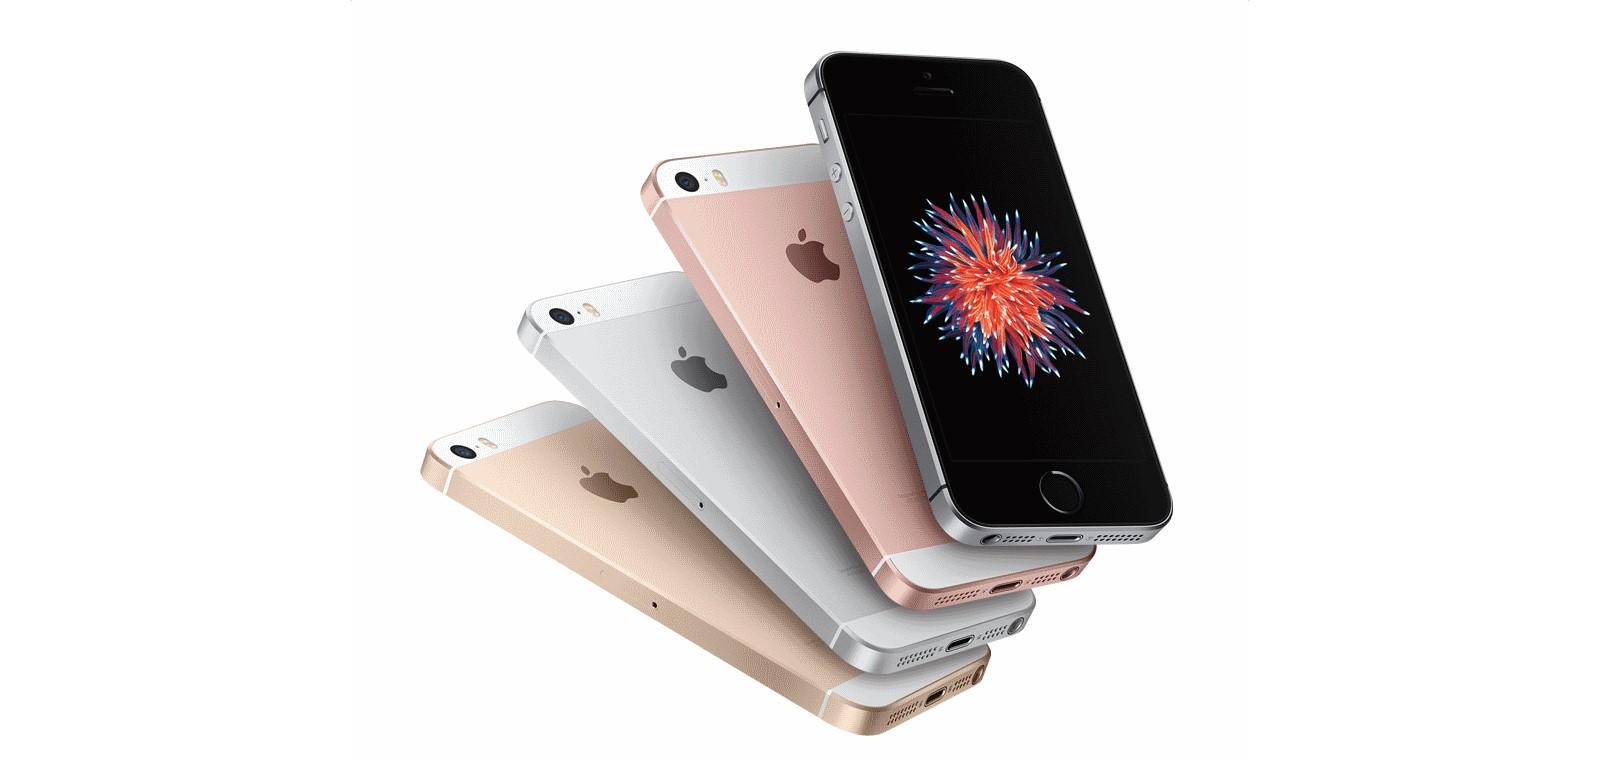 Лучшие бюджетные смартфоны 2018, iPhone SE